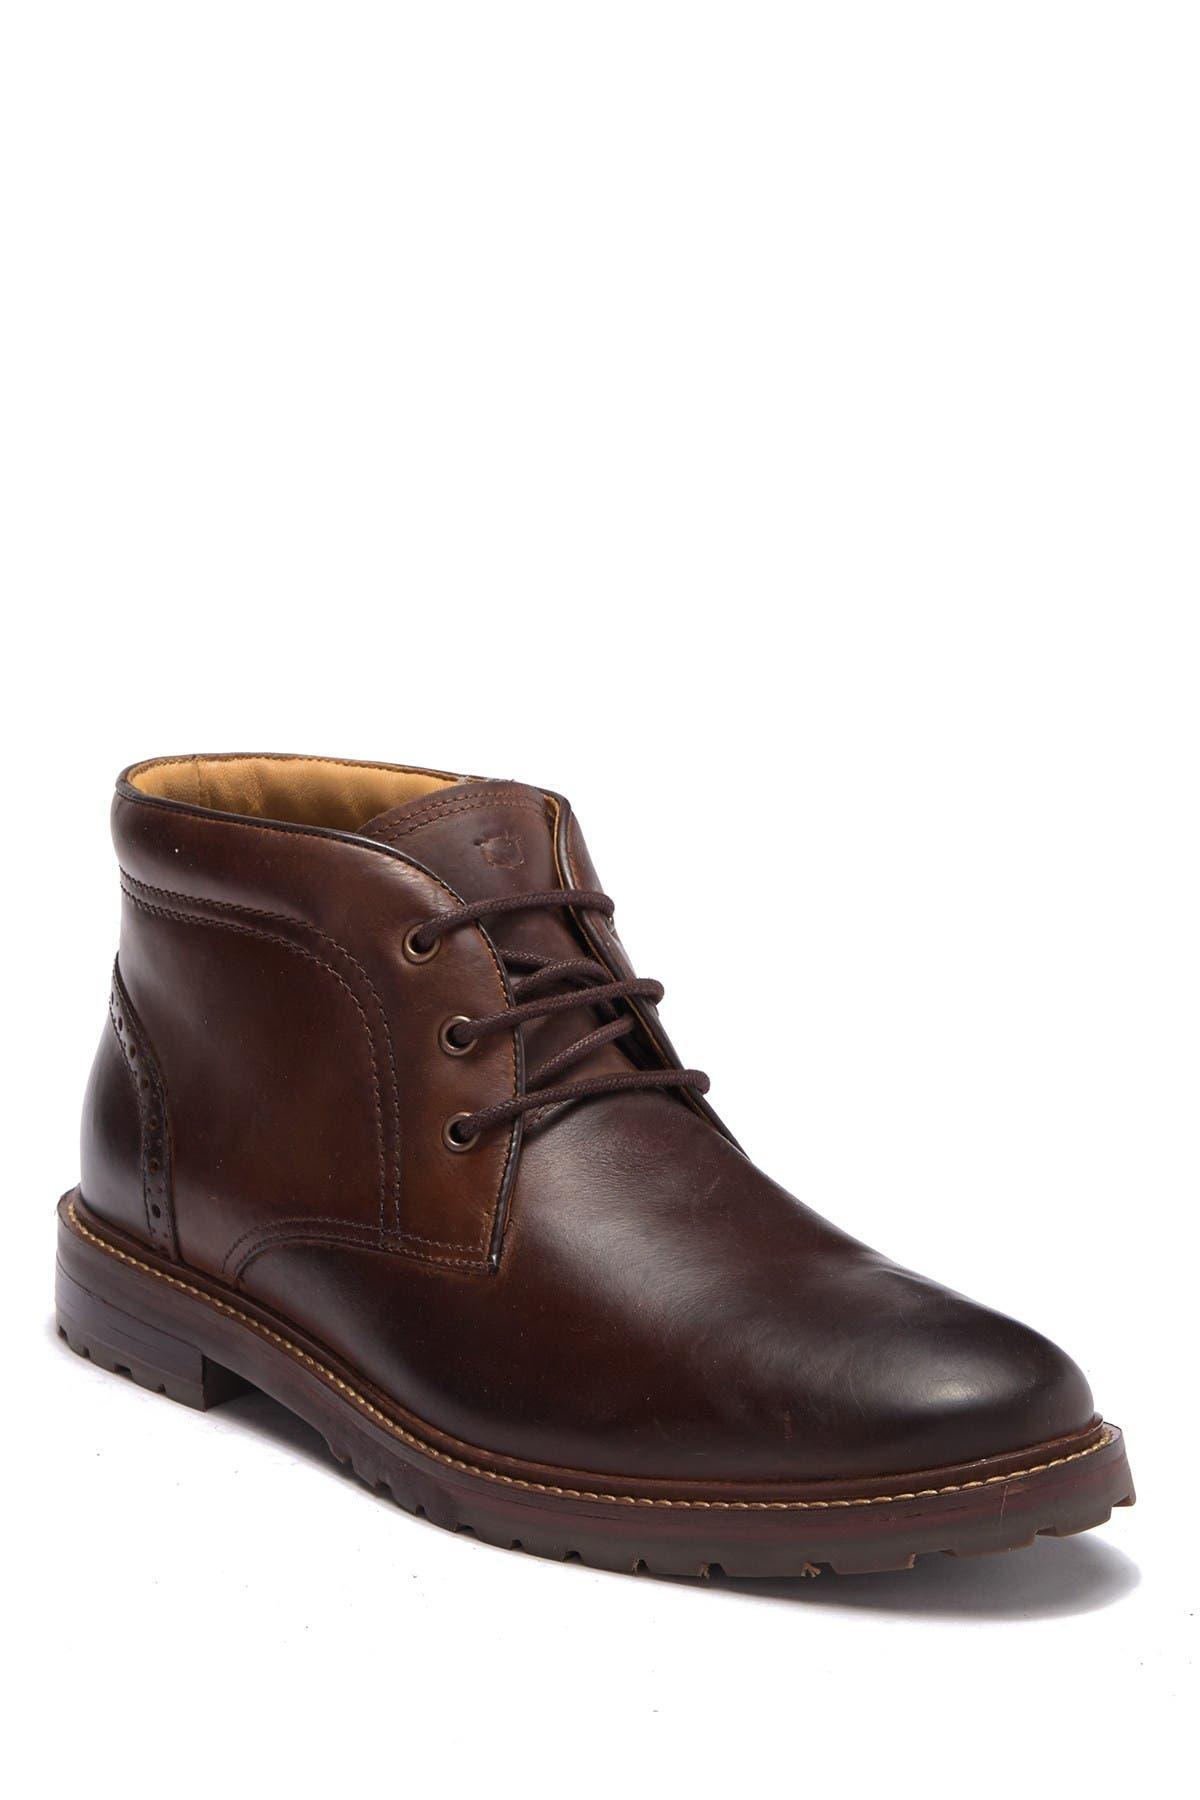 Image of Florsheim Fenway Leather Chukka Boot